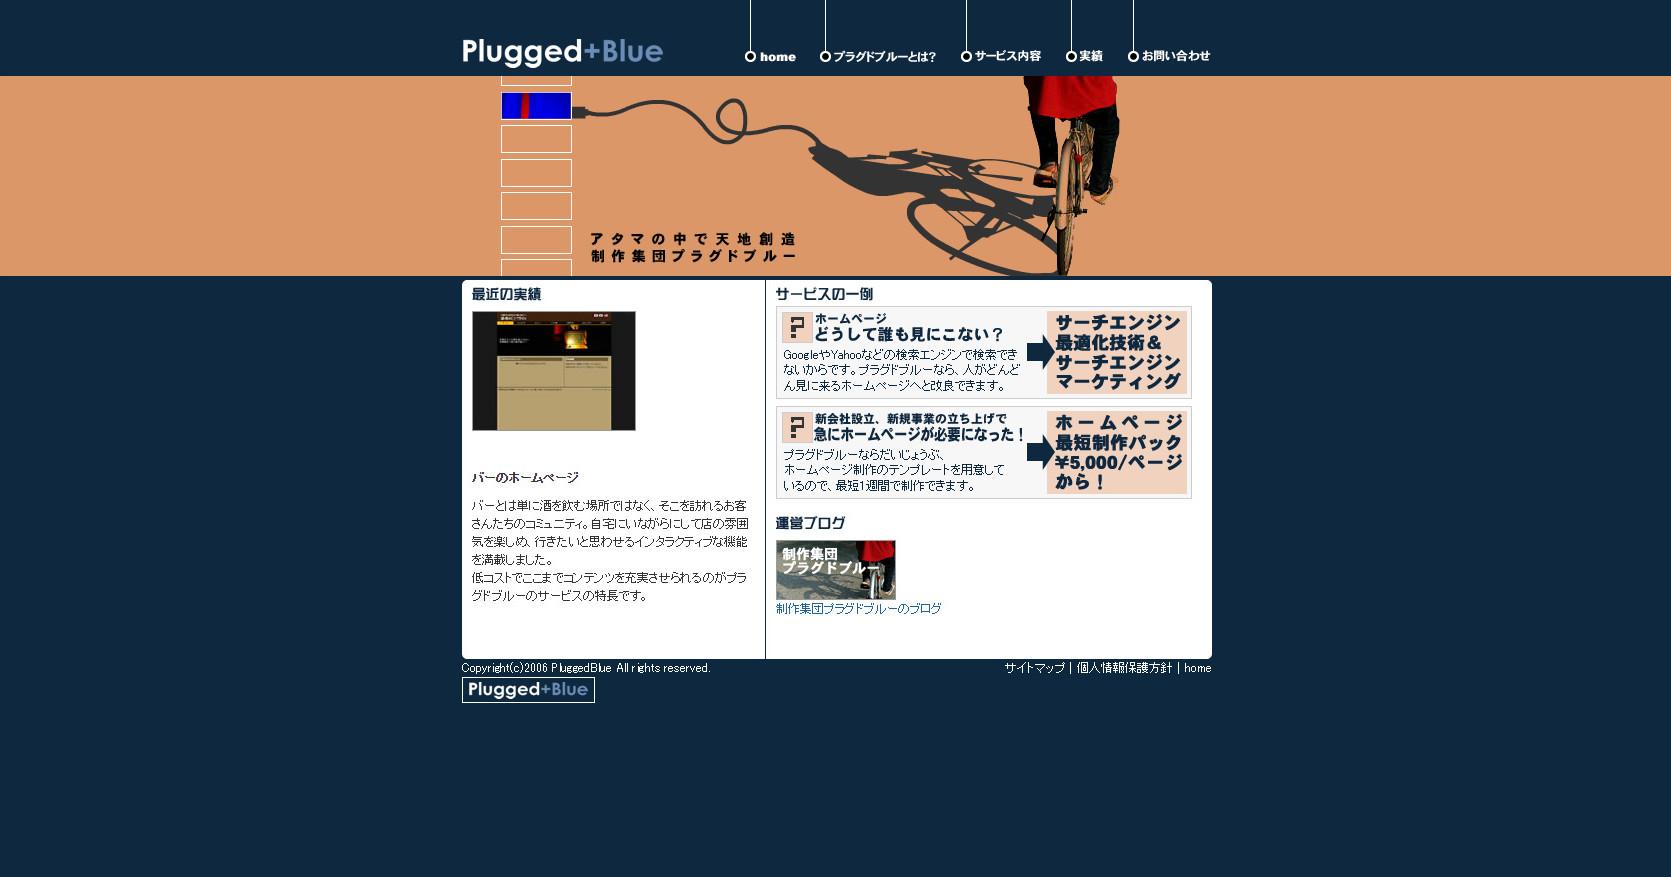 株式会社プラグドブルー企業サイト